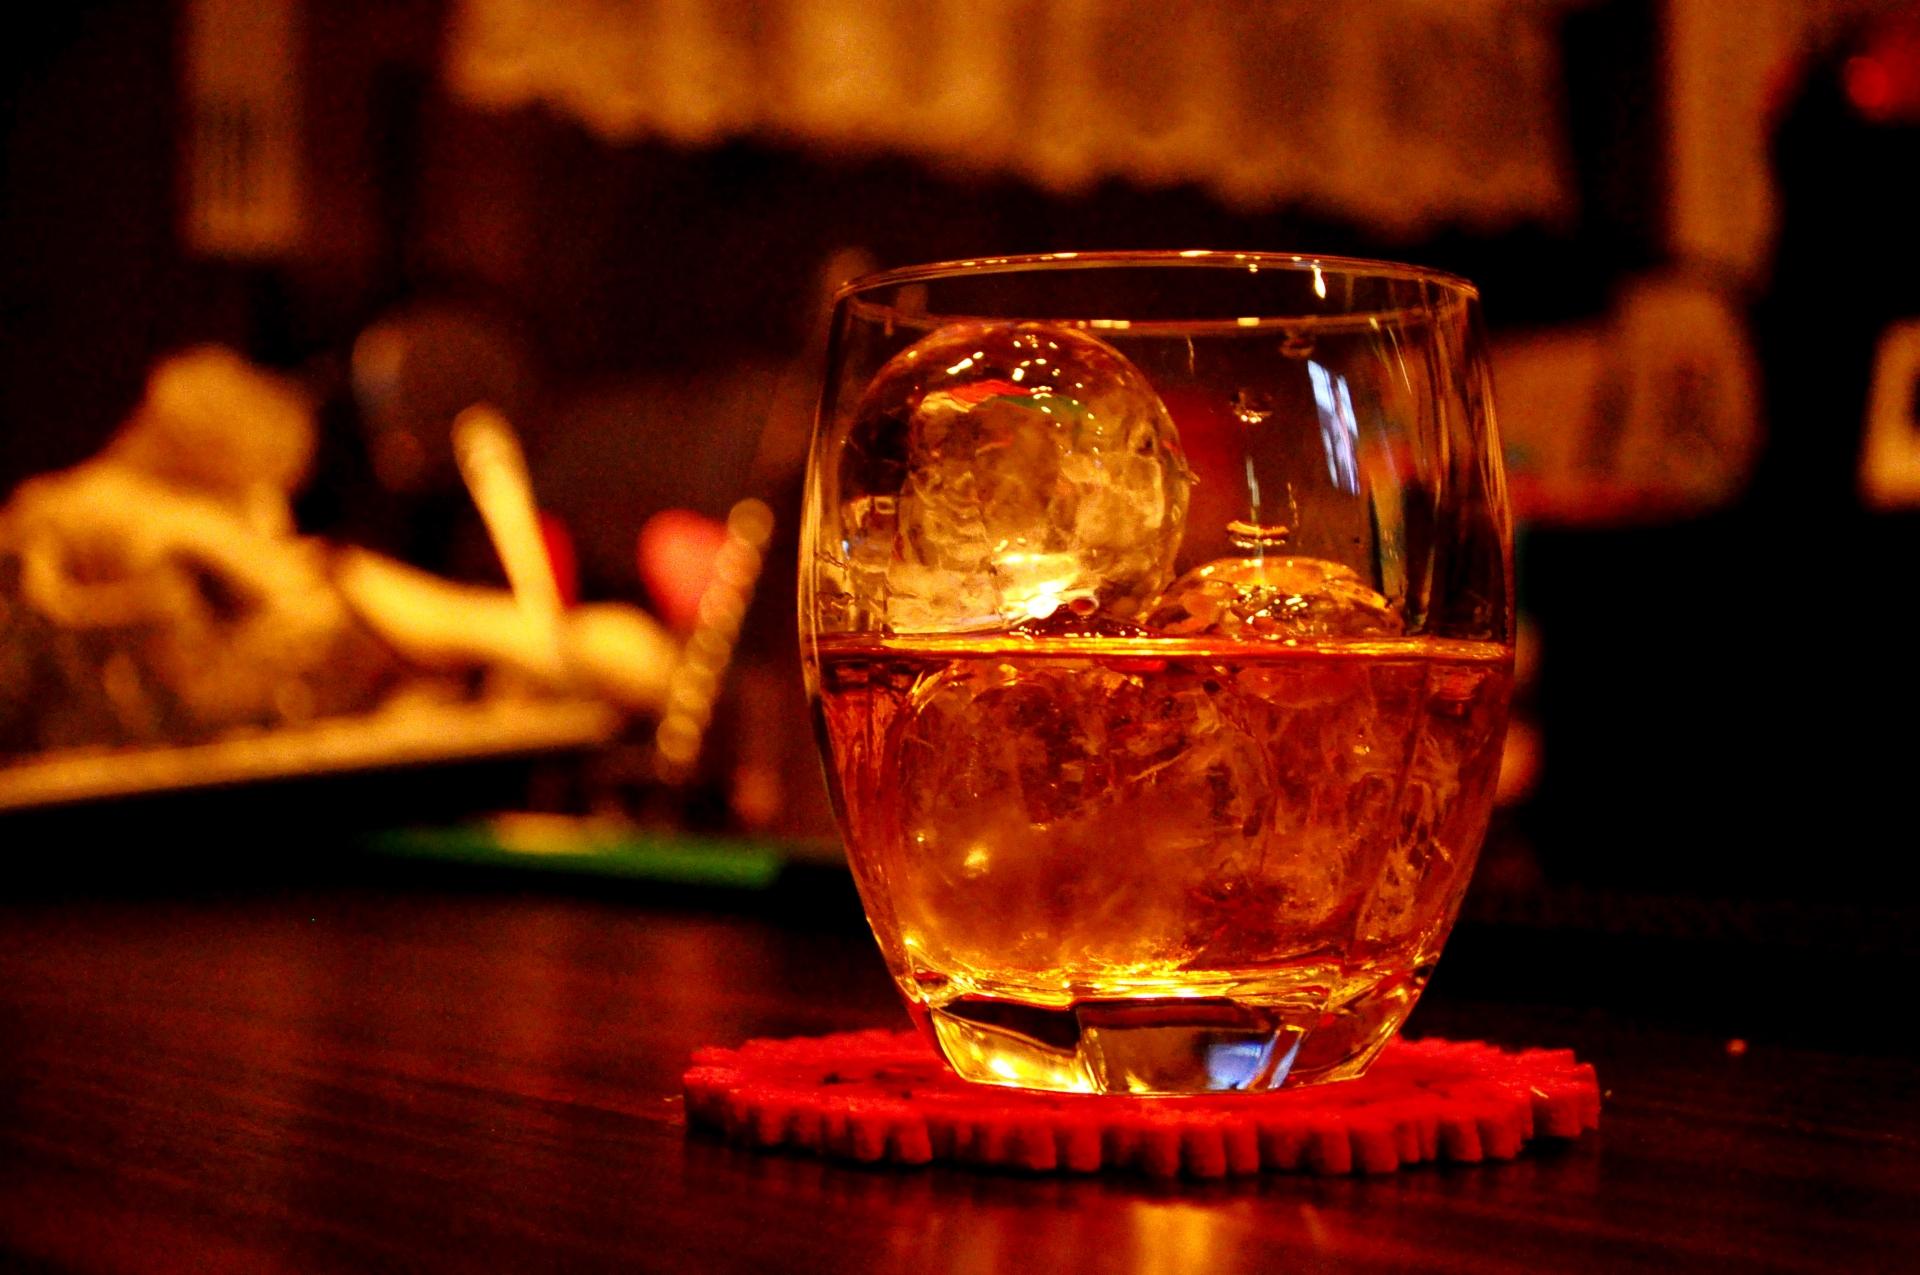 スコッチウイスキーのおすすめ14選!初心者向けの安い商品も紹介